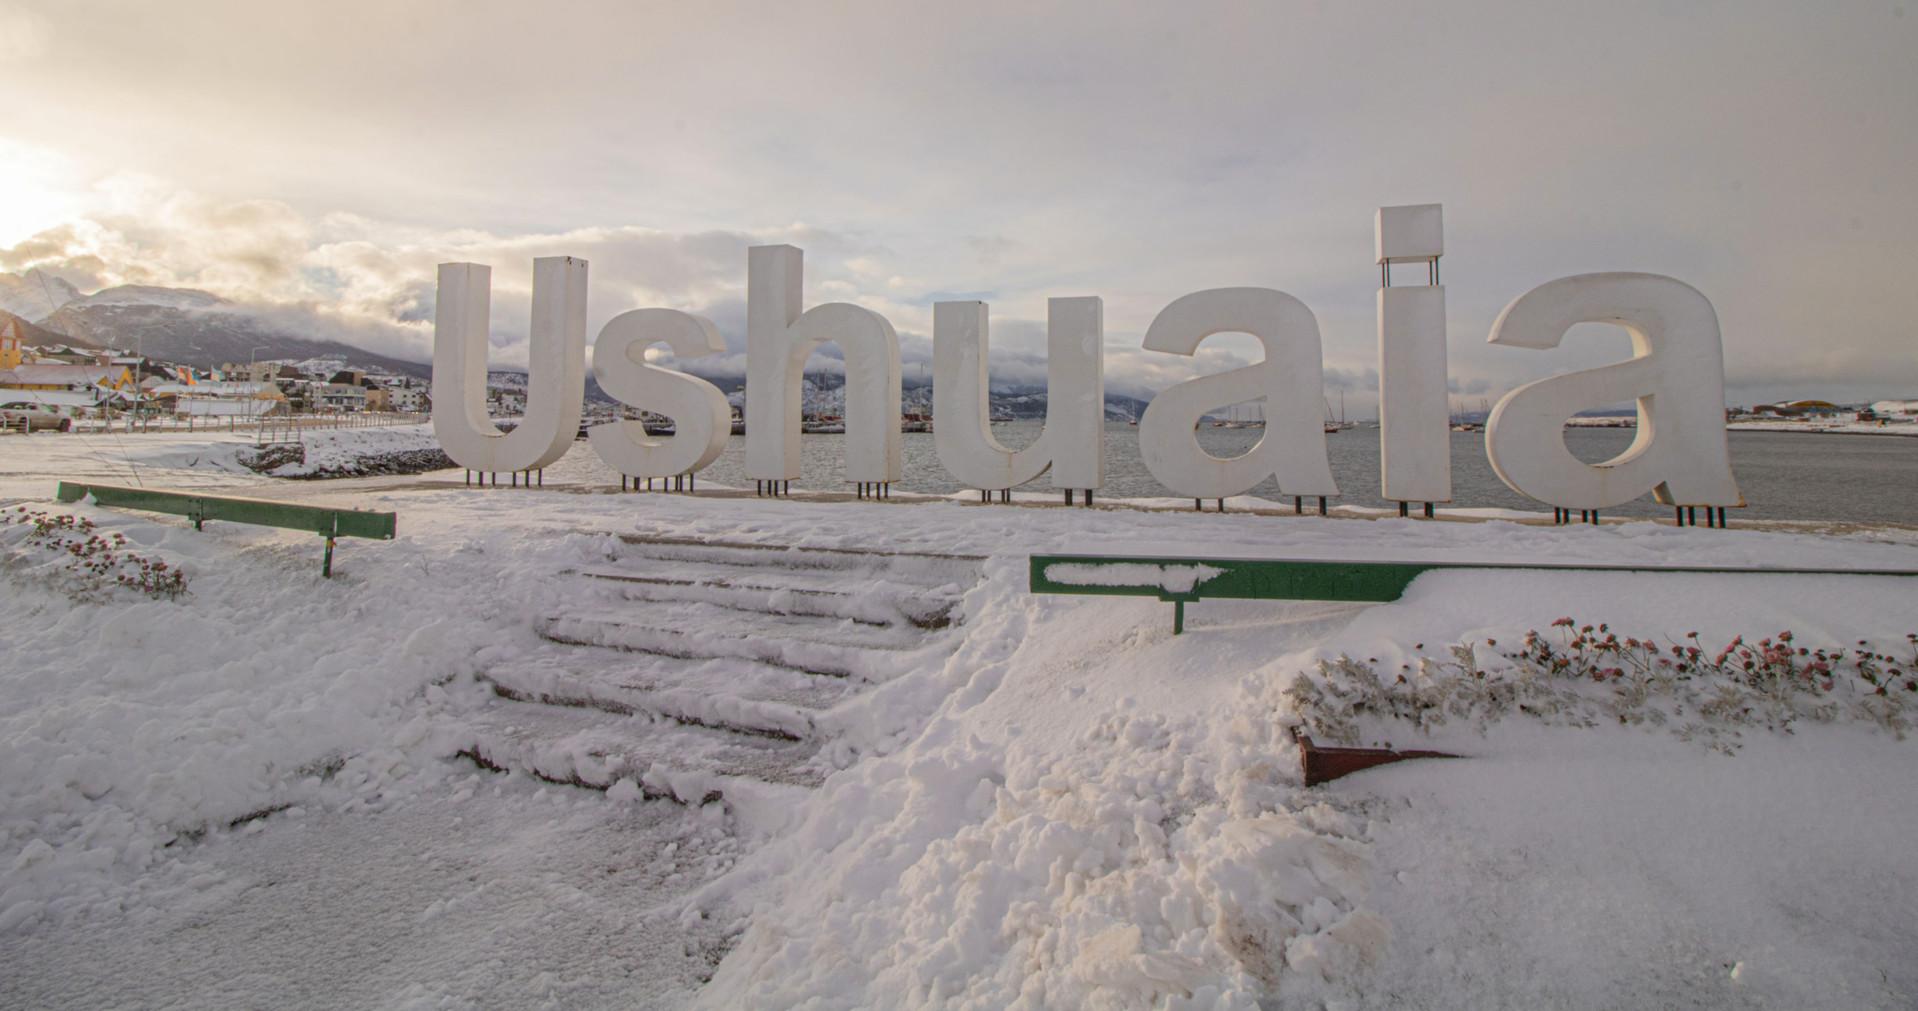 Histórica nevada en Ushuaia: una semana seguida y un metro de nieve acumulado